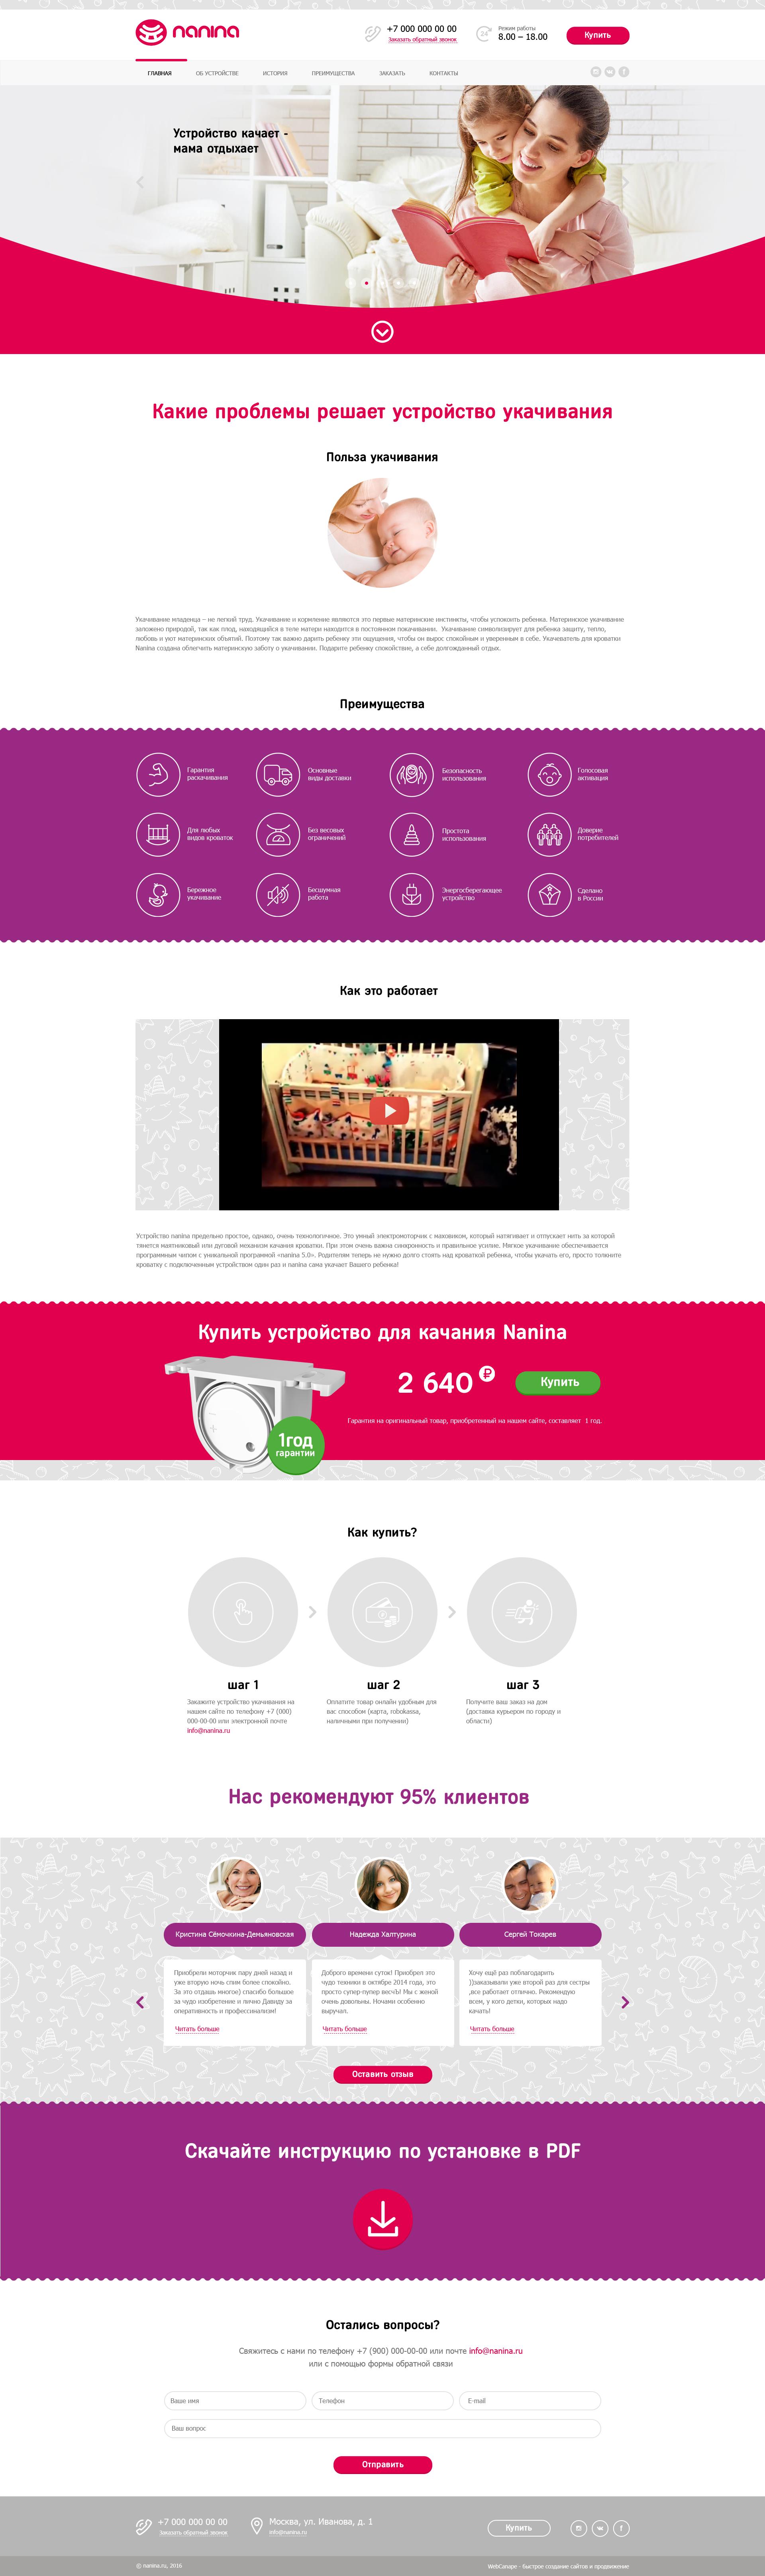 Разработка сайта для продажи устройства для мам